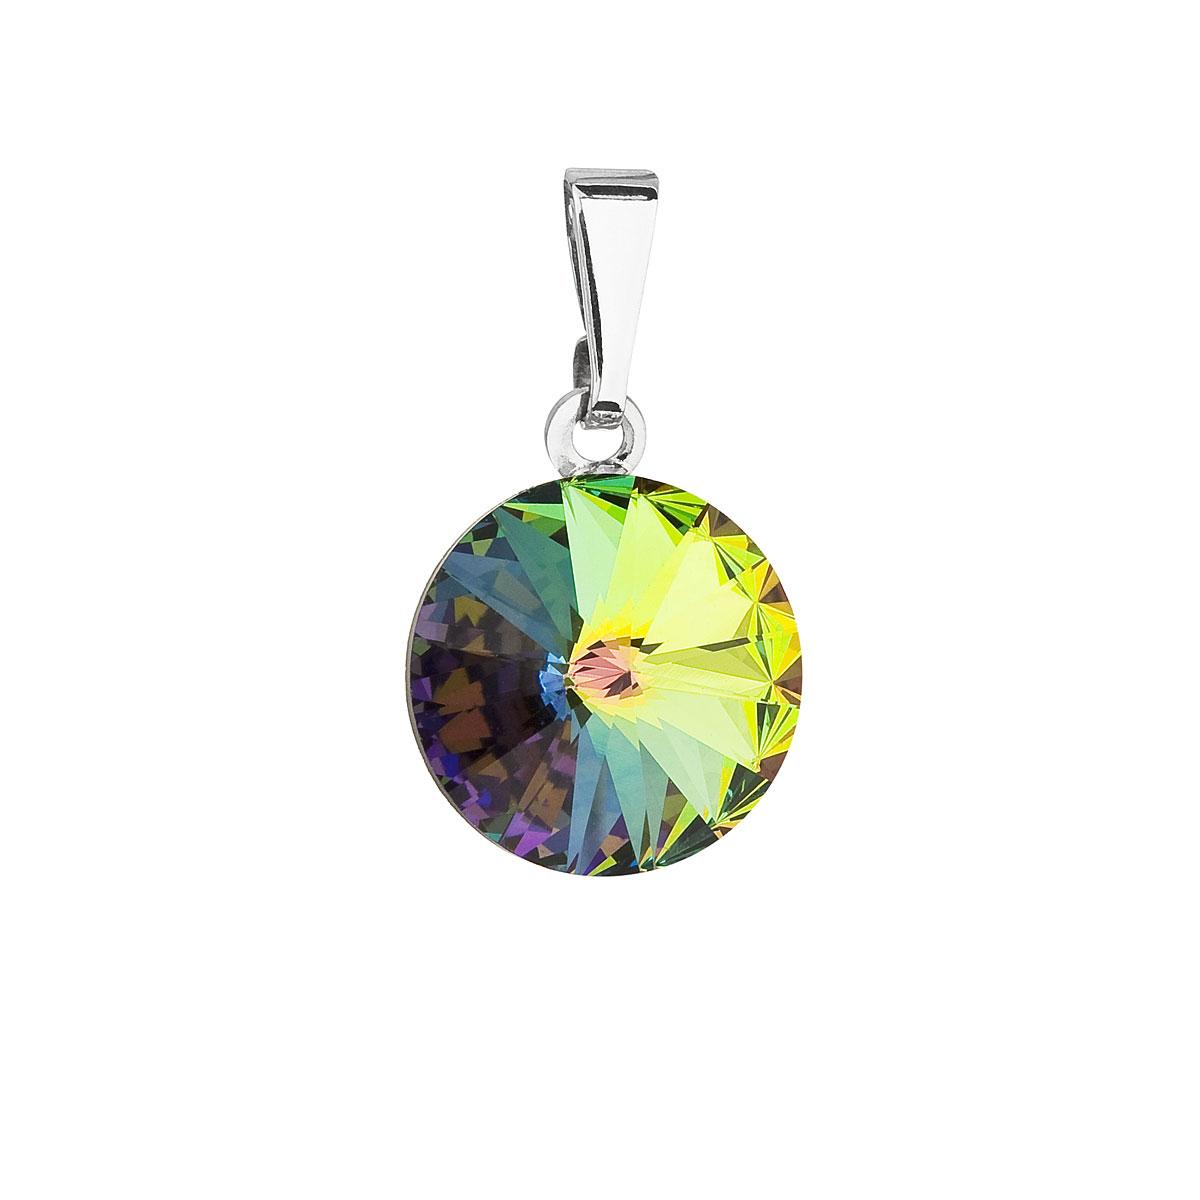 Evolution Group Přívěsek se Swarovski krystaly zelený kulatý 54001.5